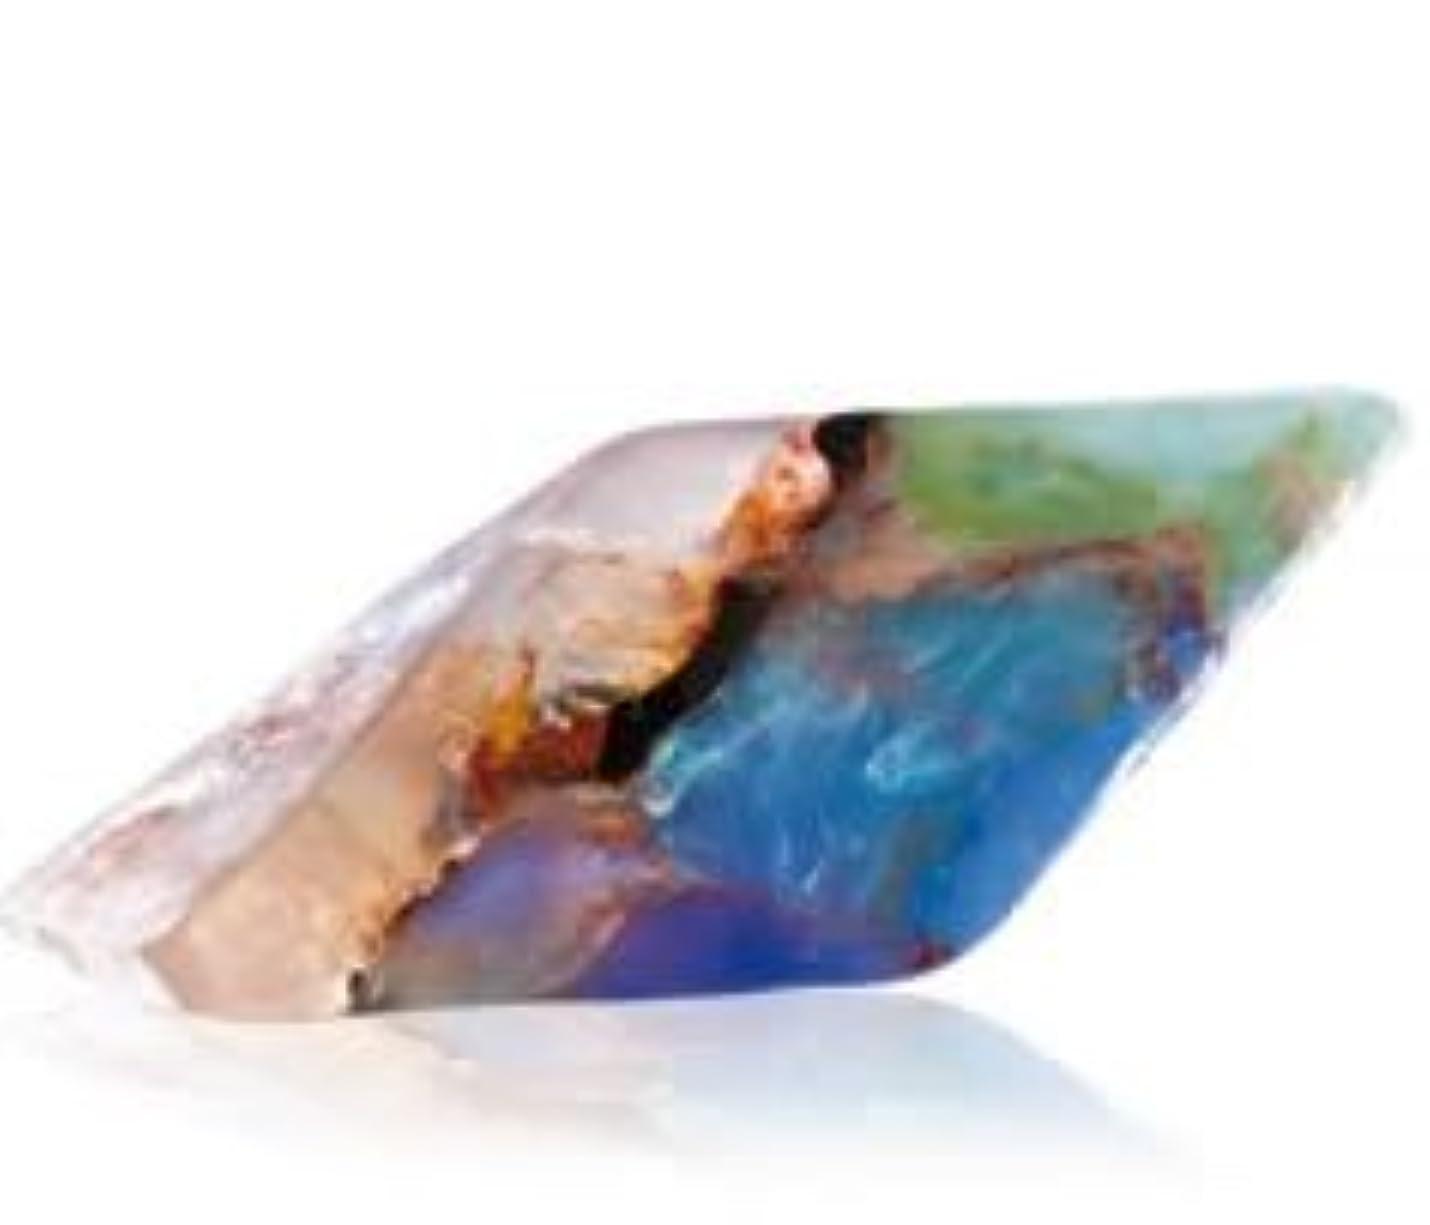 反映する手綱基準Savons Gemme サボンジェム 世界で一番美しい宝石石鹸 フレグランスソープ ブラックオパール 170g